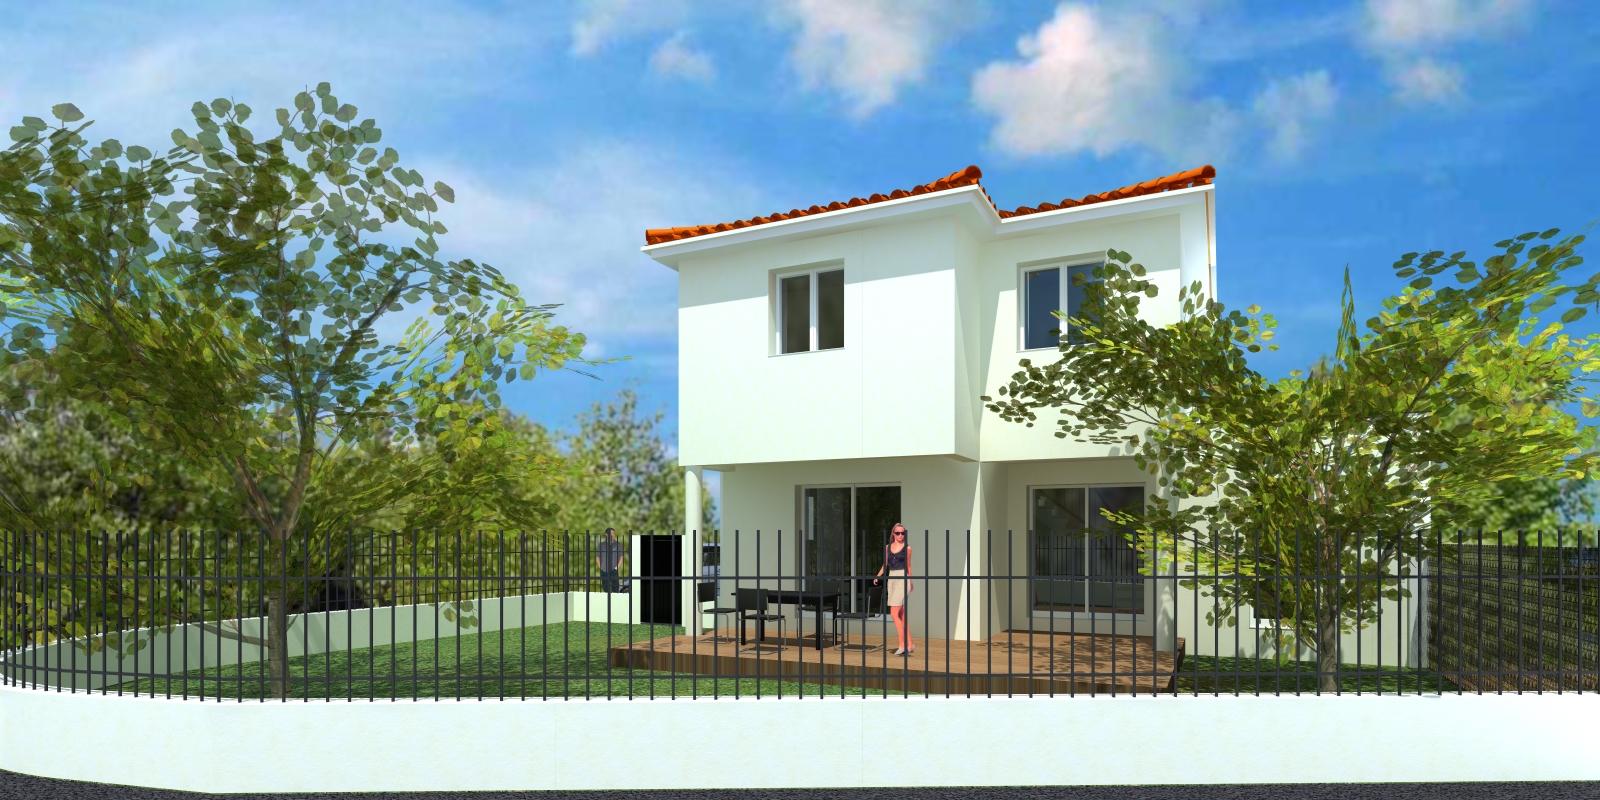 Maisons + Terrains du constructeur MAISONS CLAUDE RIZZON MEDITERRANEE • MONTFERRIER SUR LEZ